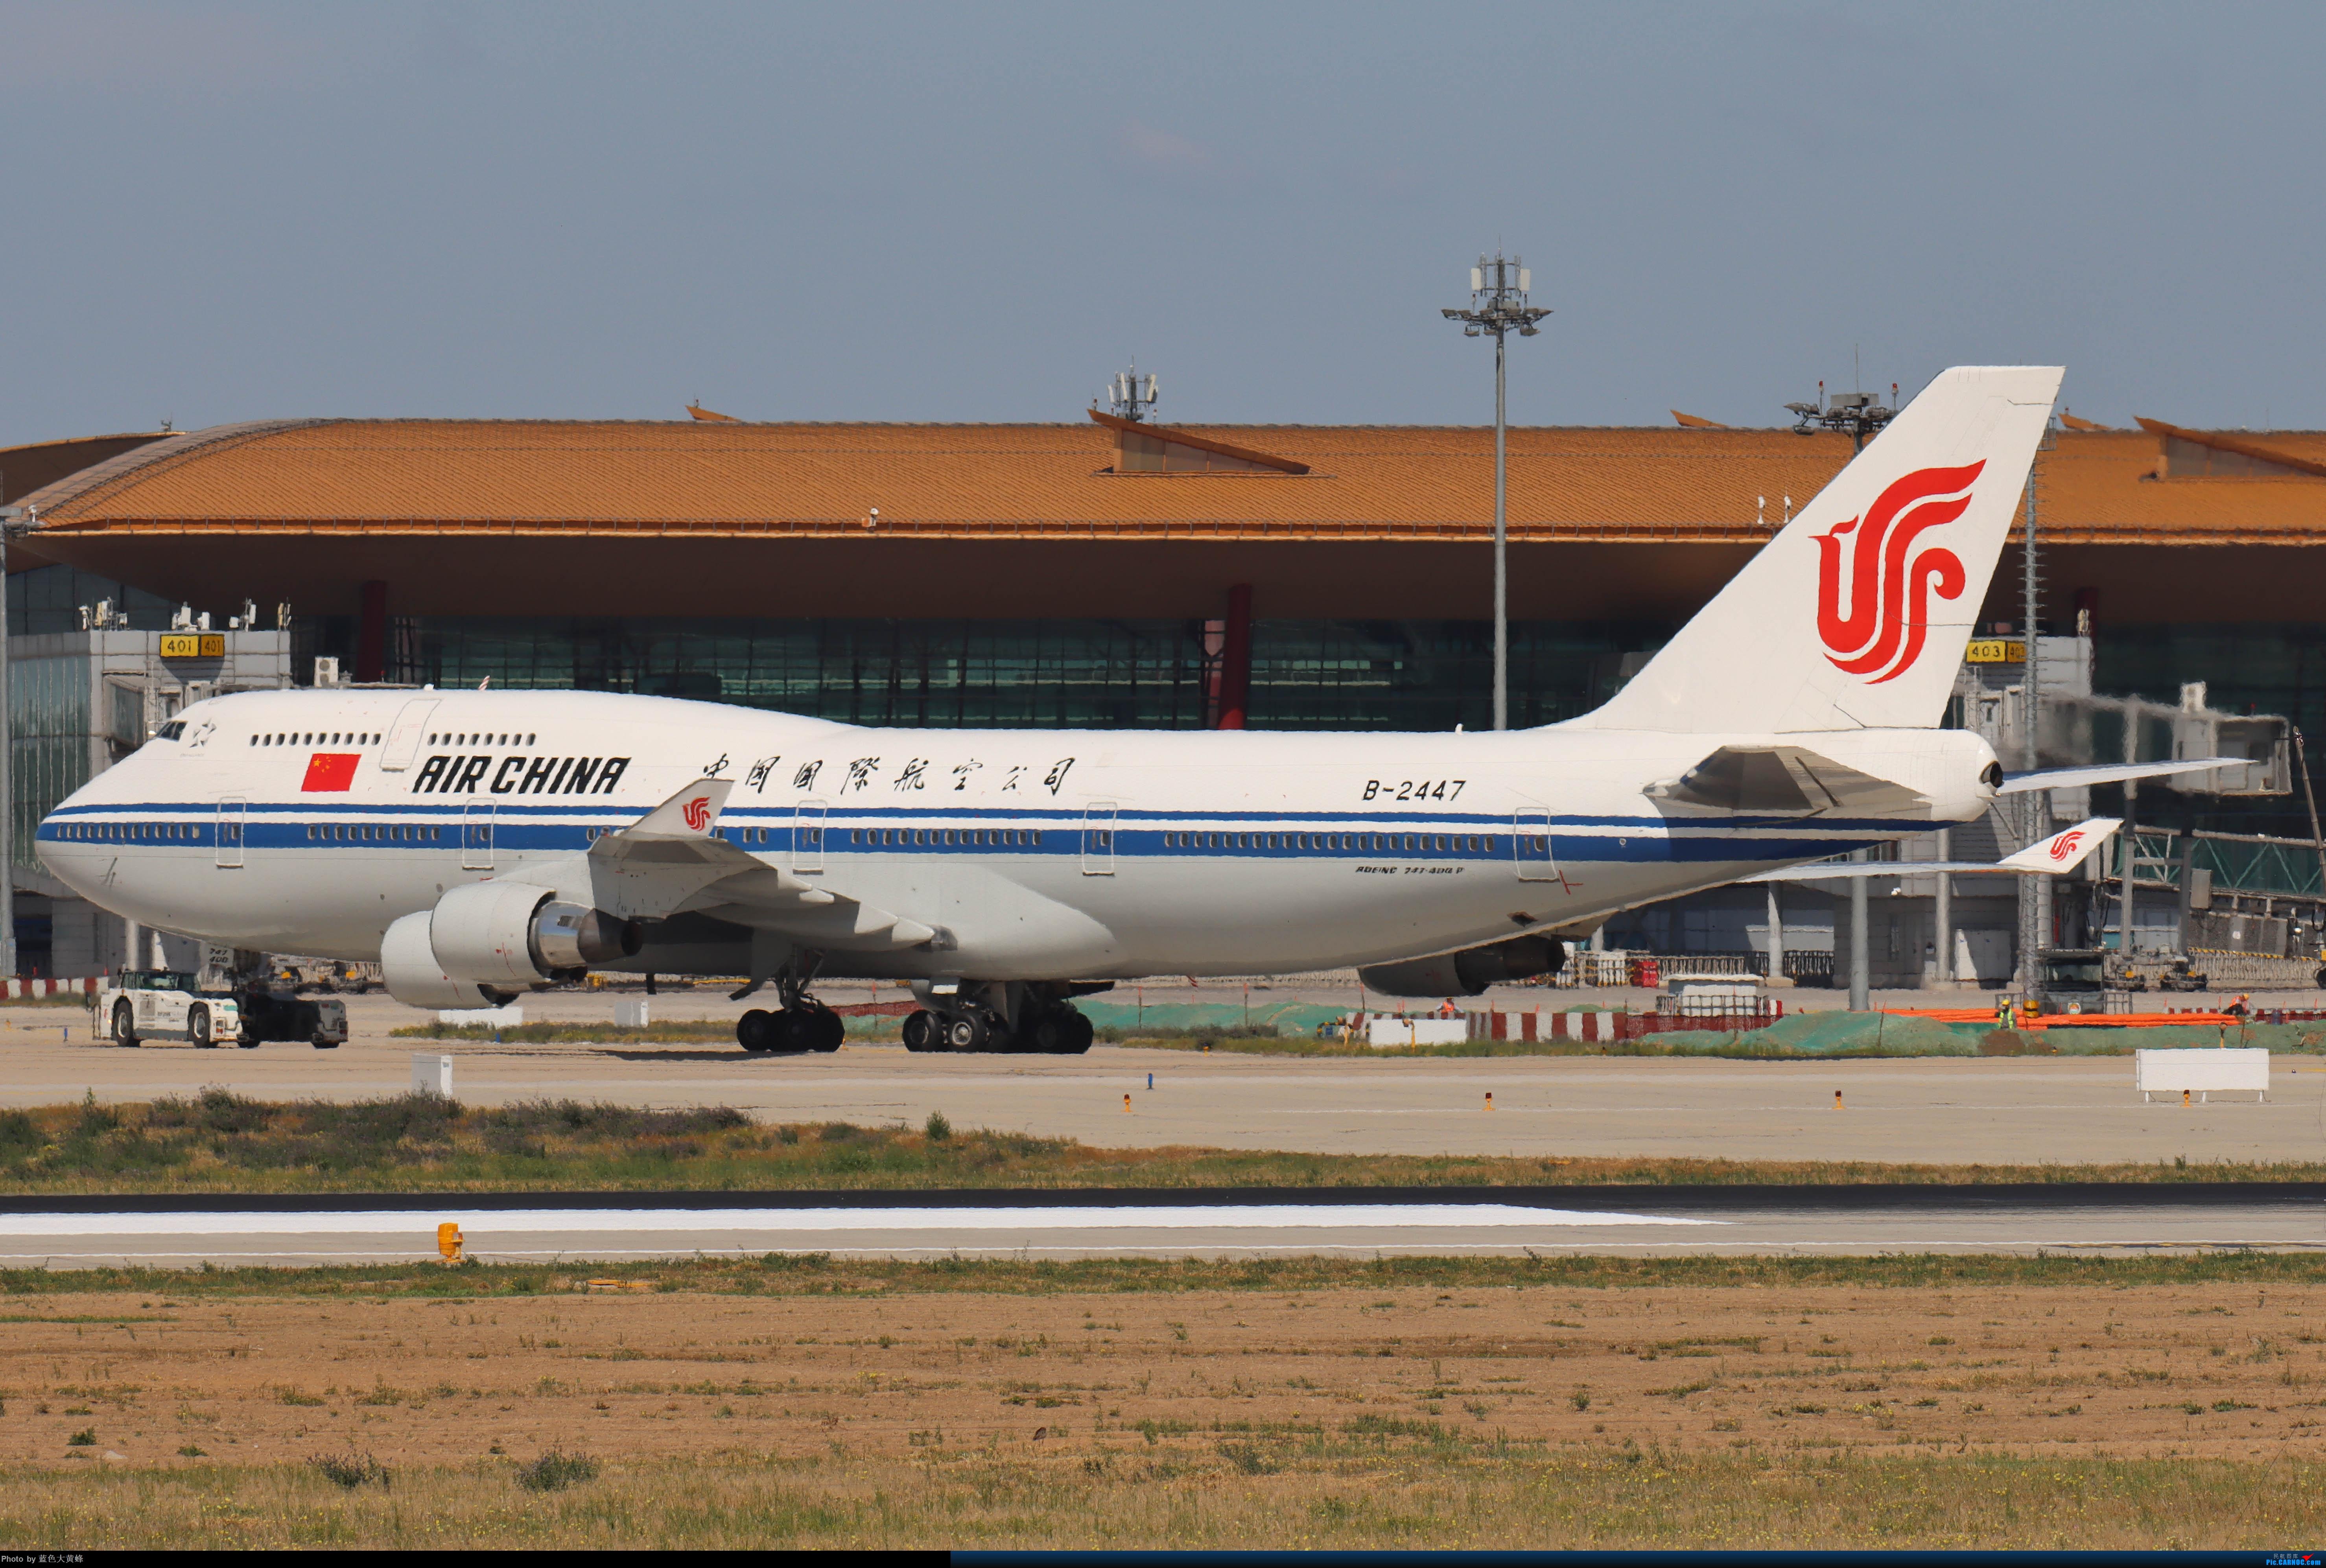 Re:[原创]PEK5.24随拍 BOEING 747-400 B-2447 中国北京首都国际机场